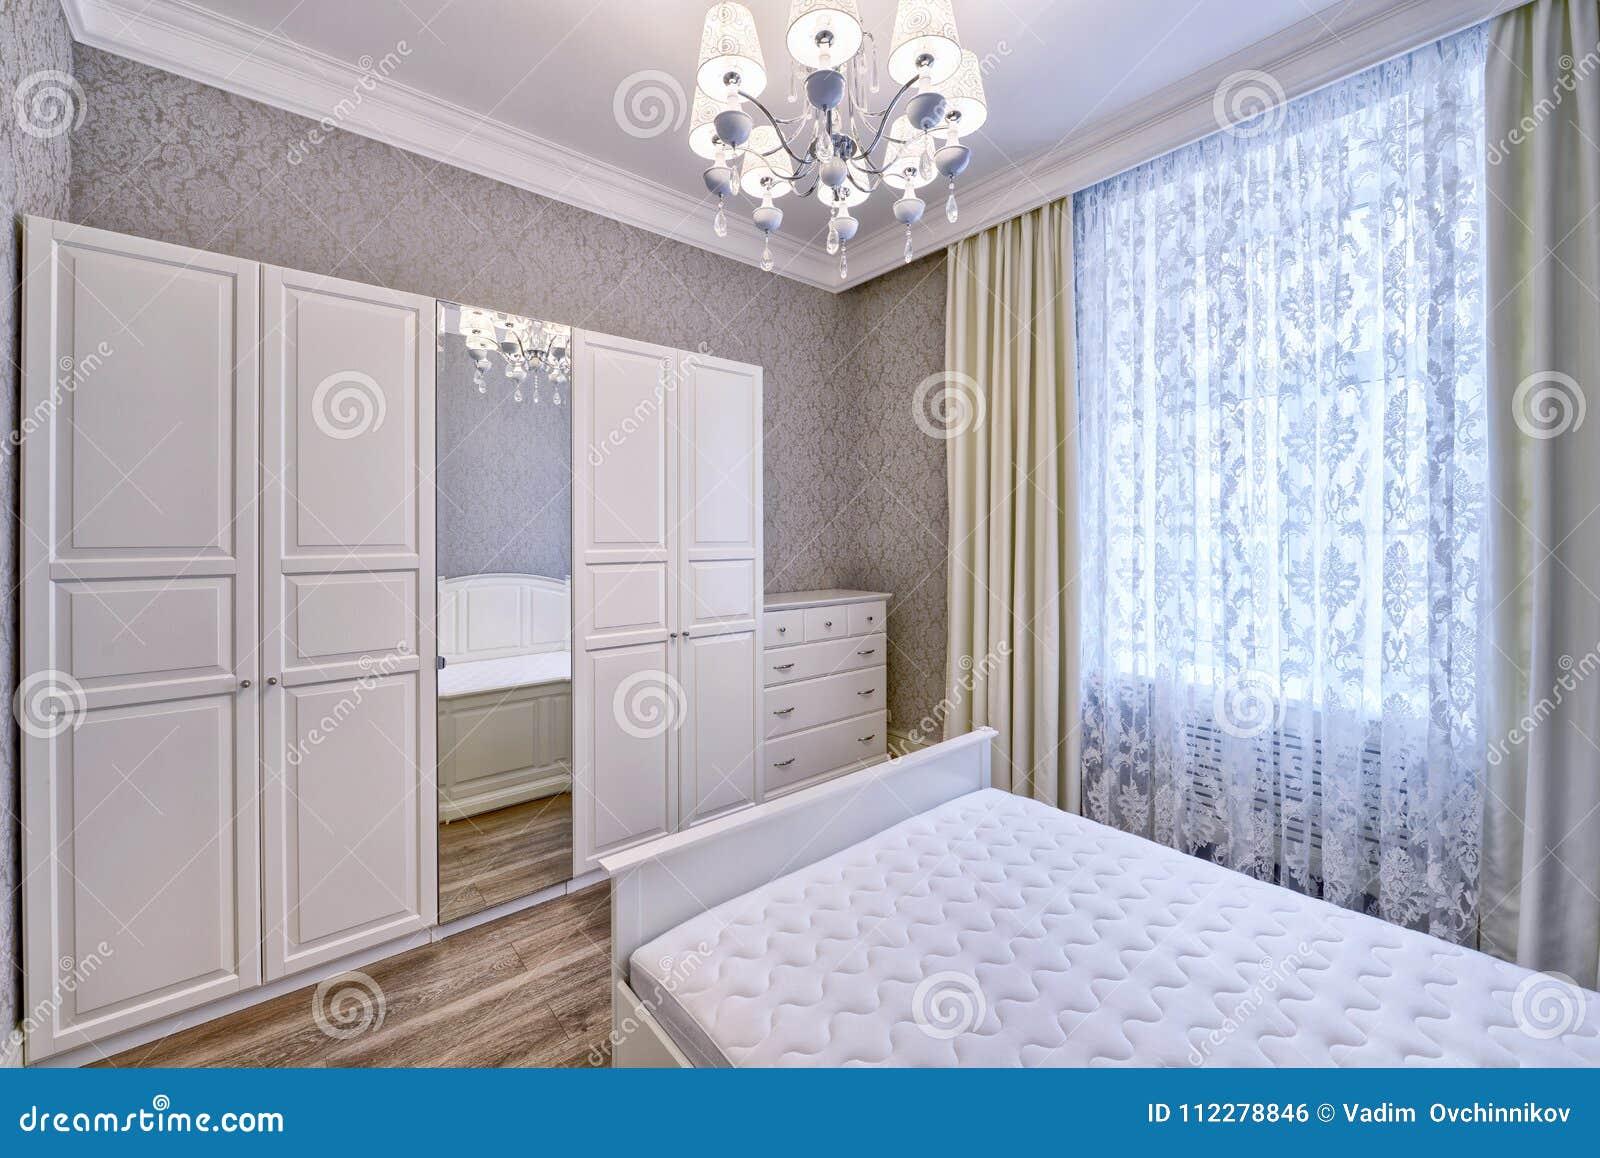 Camere Da Letto Matrimoniali Di Lusso.Bella Camera Da Letto Di Interior Design Nella Casa Di Lusso